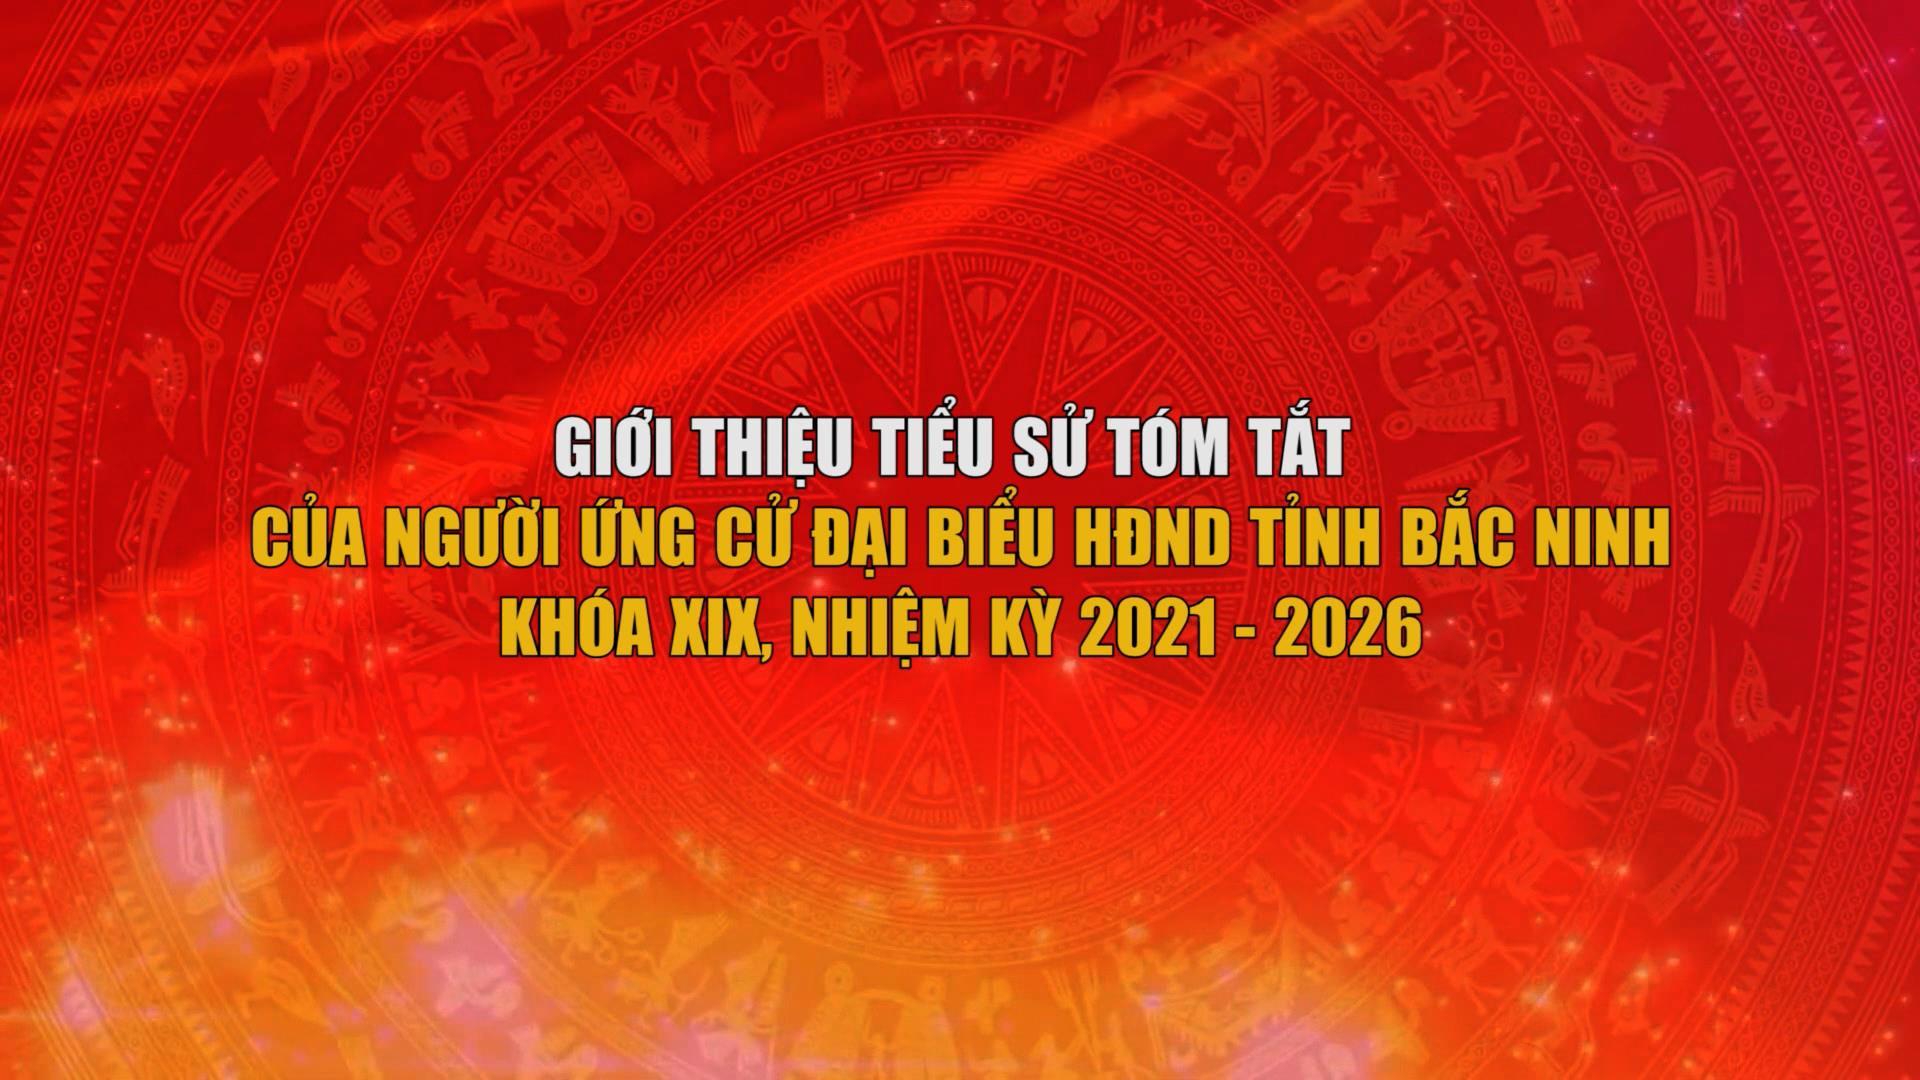 Giới thiệu tiểu sử tóm tắt của người ứng cử Đại biểu HĐND tỉnh Bắc Ninh khóa XIX, nhiệm kỳ 2021 - 2026 (Đơn vị bầu cử số 10,11,12)